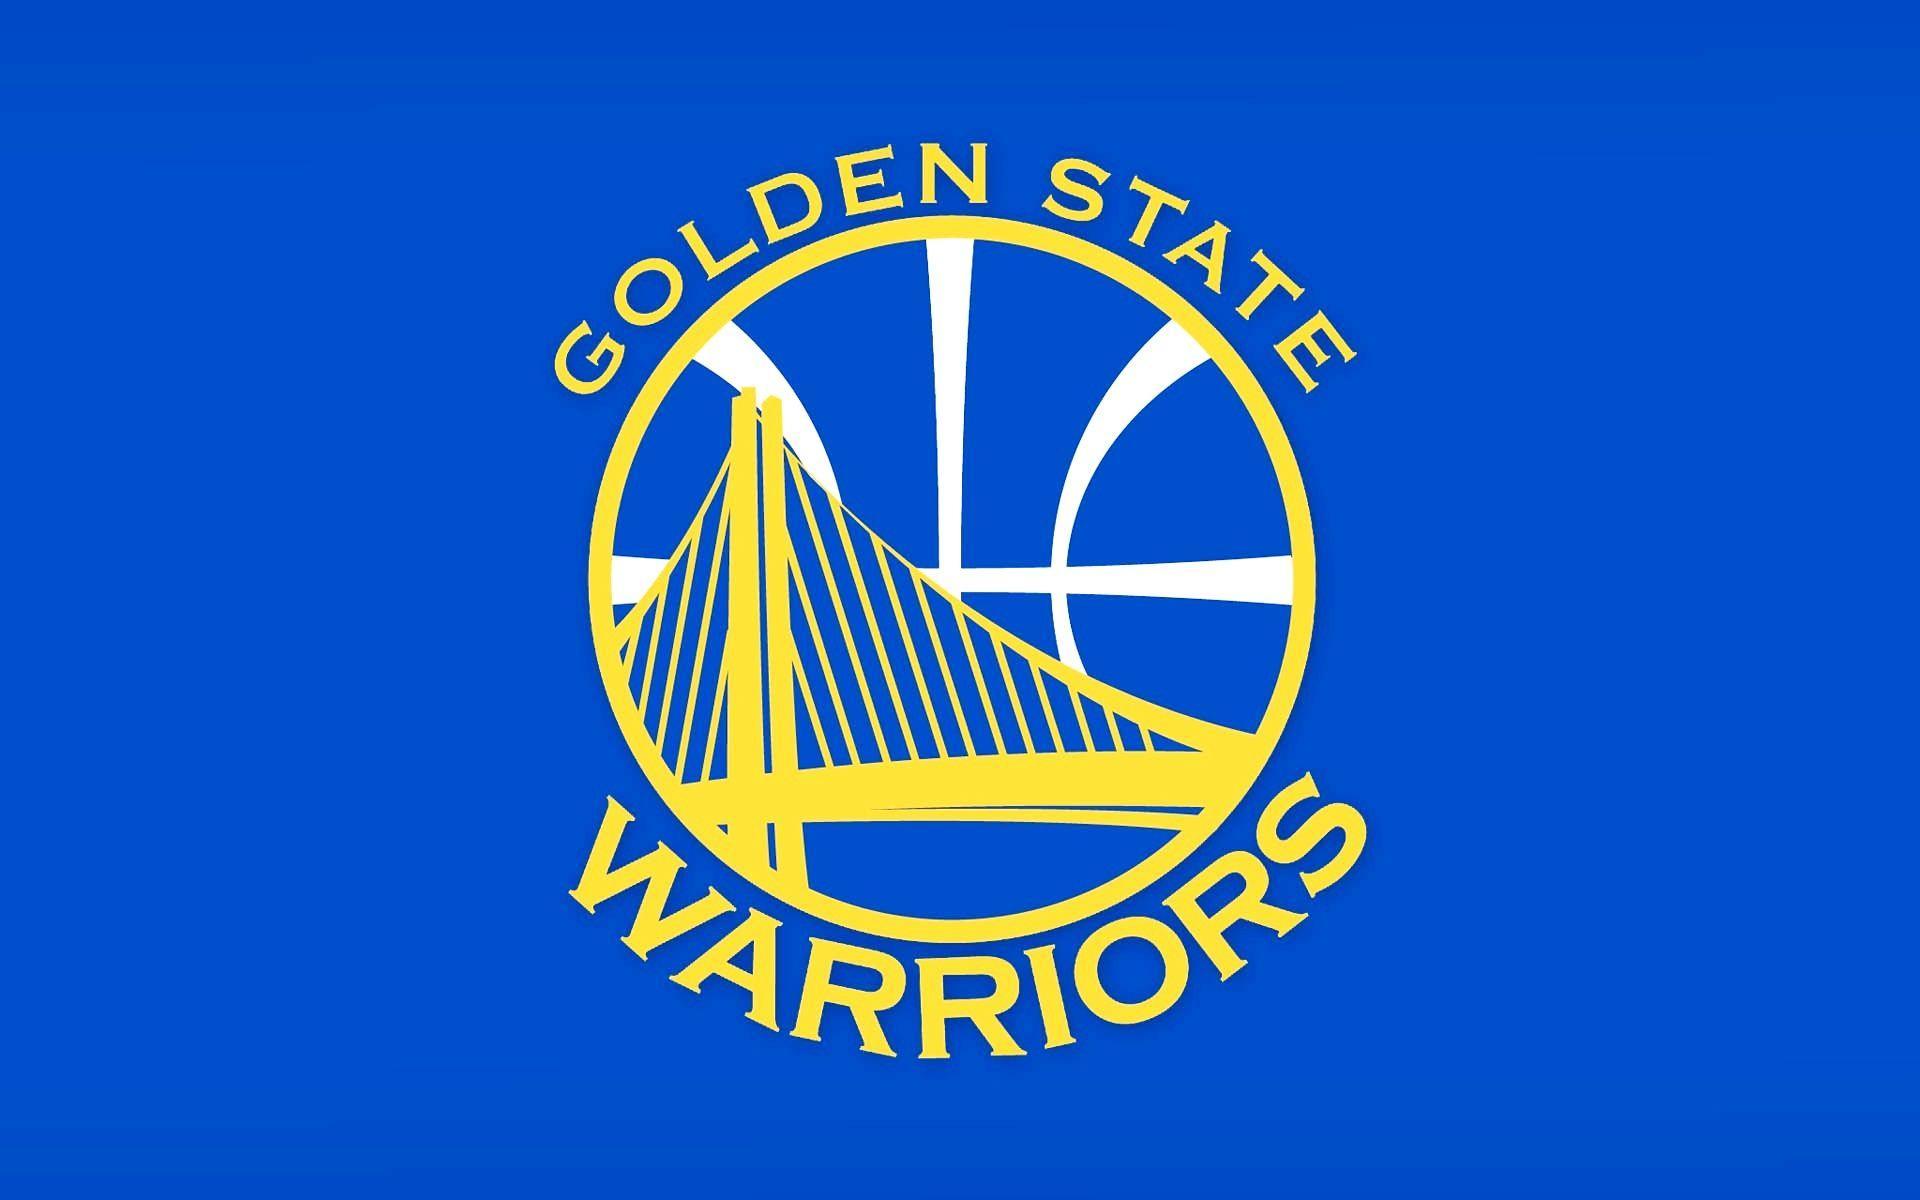 Usmnt 2016 Wallpapers - Nba Golden State Logo , HD Wallpaper & Backgrounds